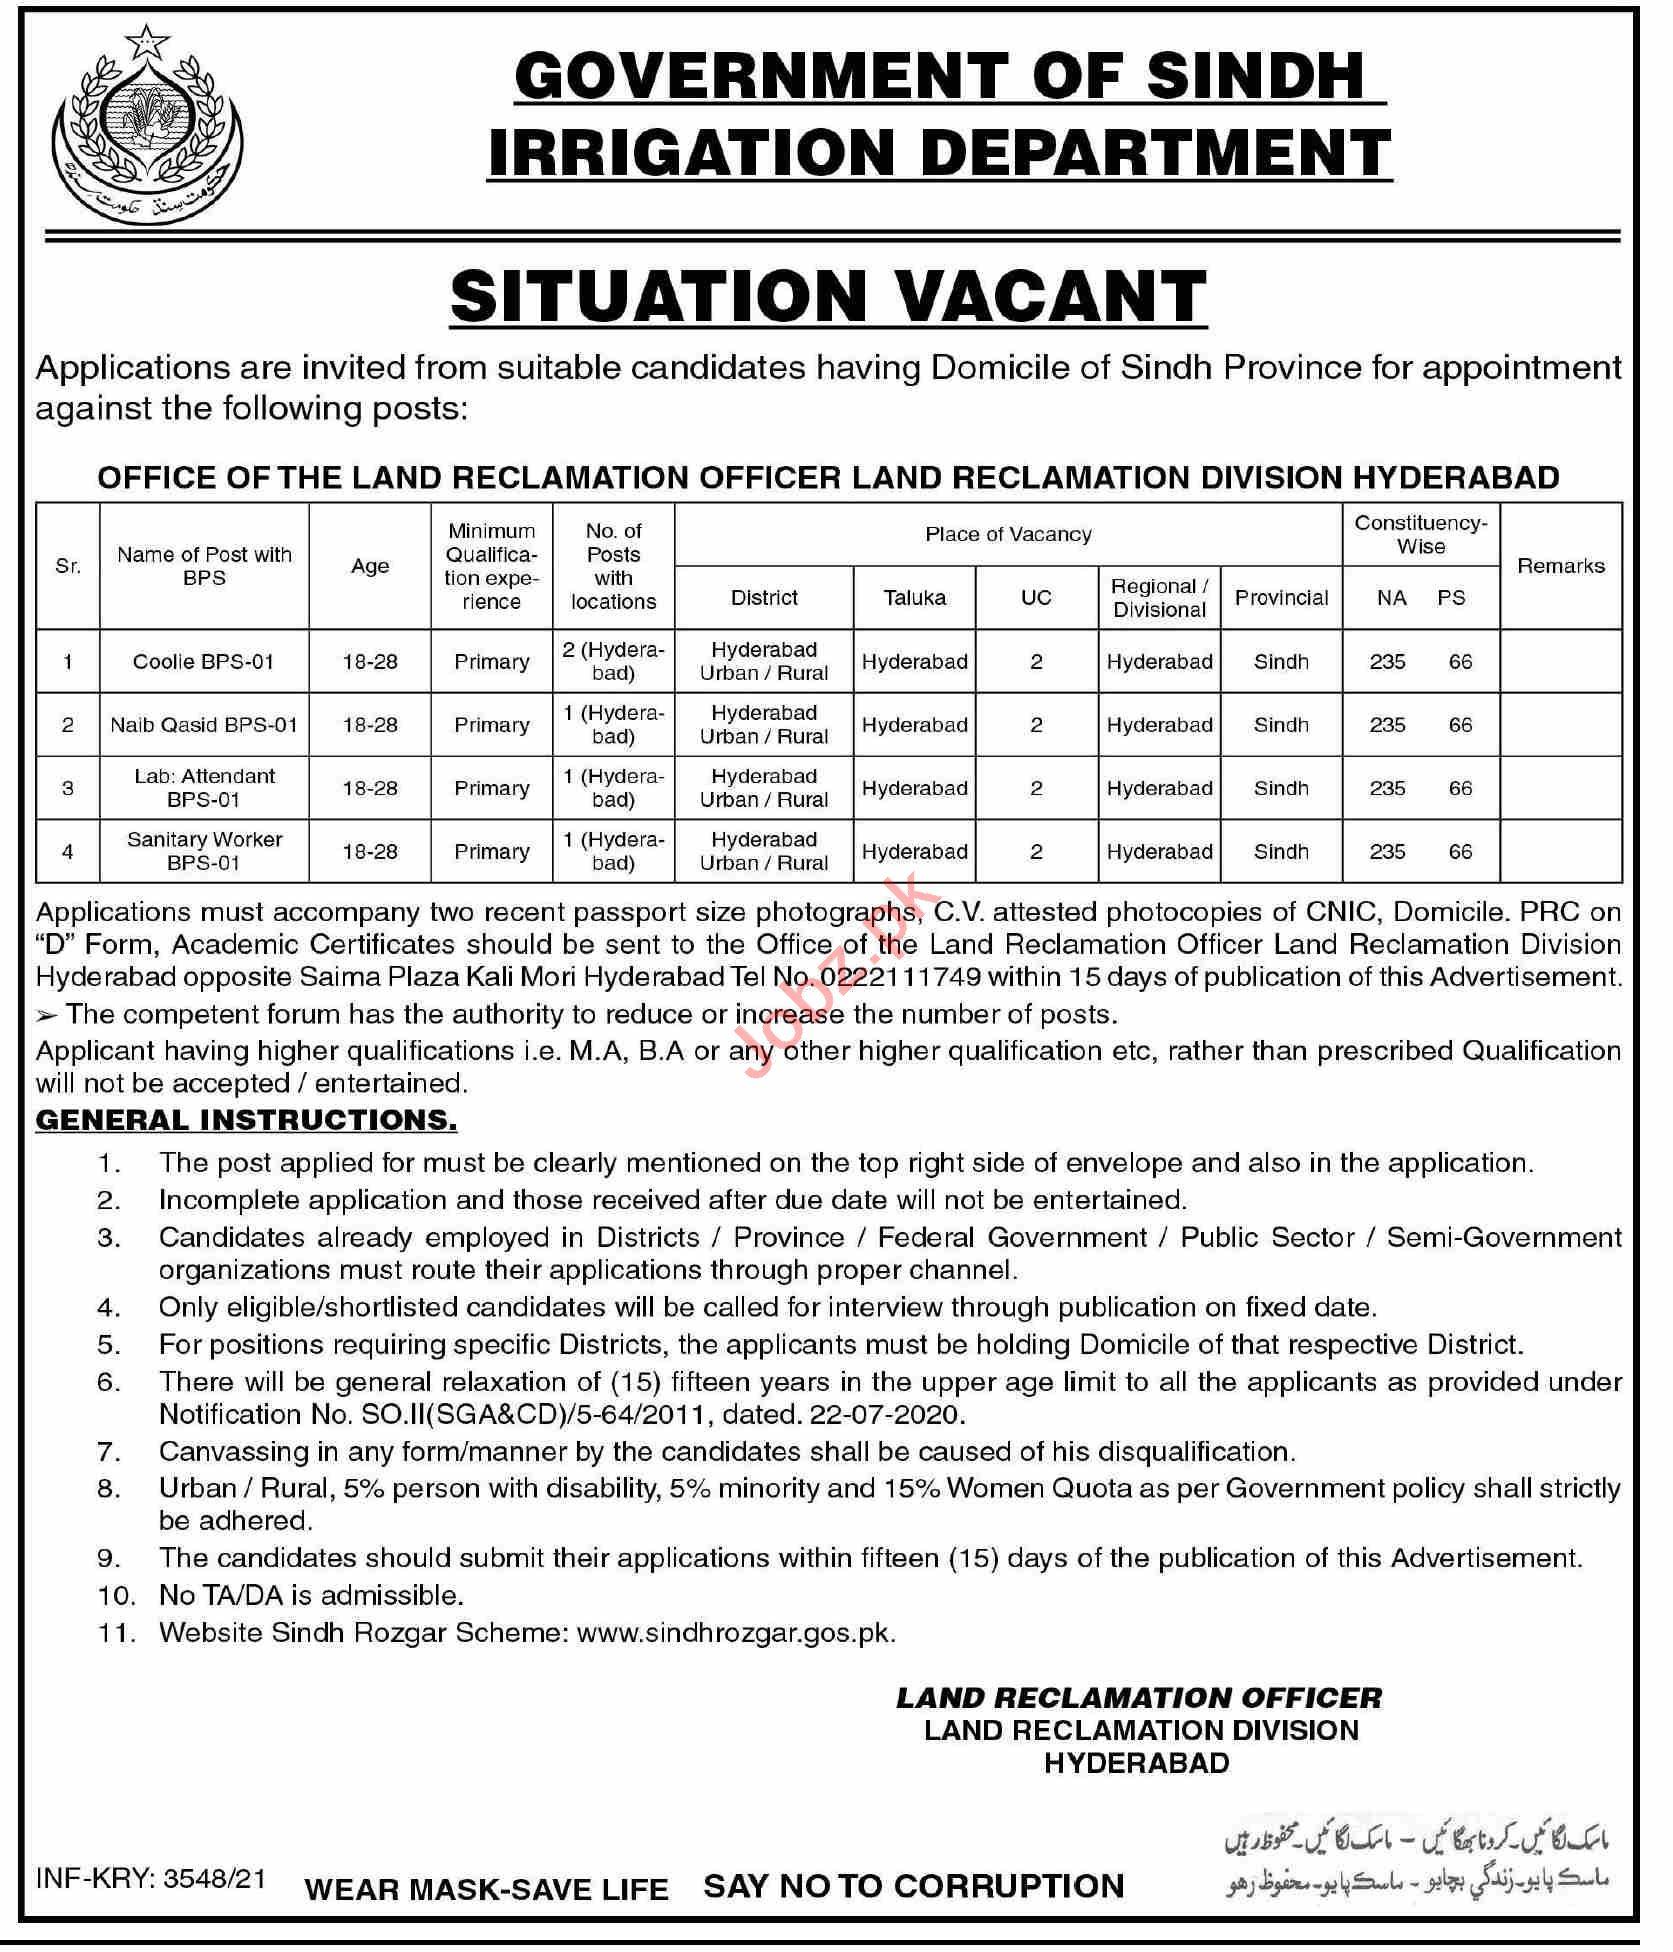 Land Reclamation Division Hyderabad Jobs 2021 for Naib Qasid